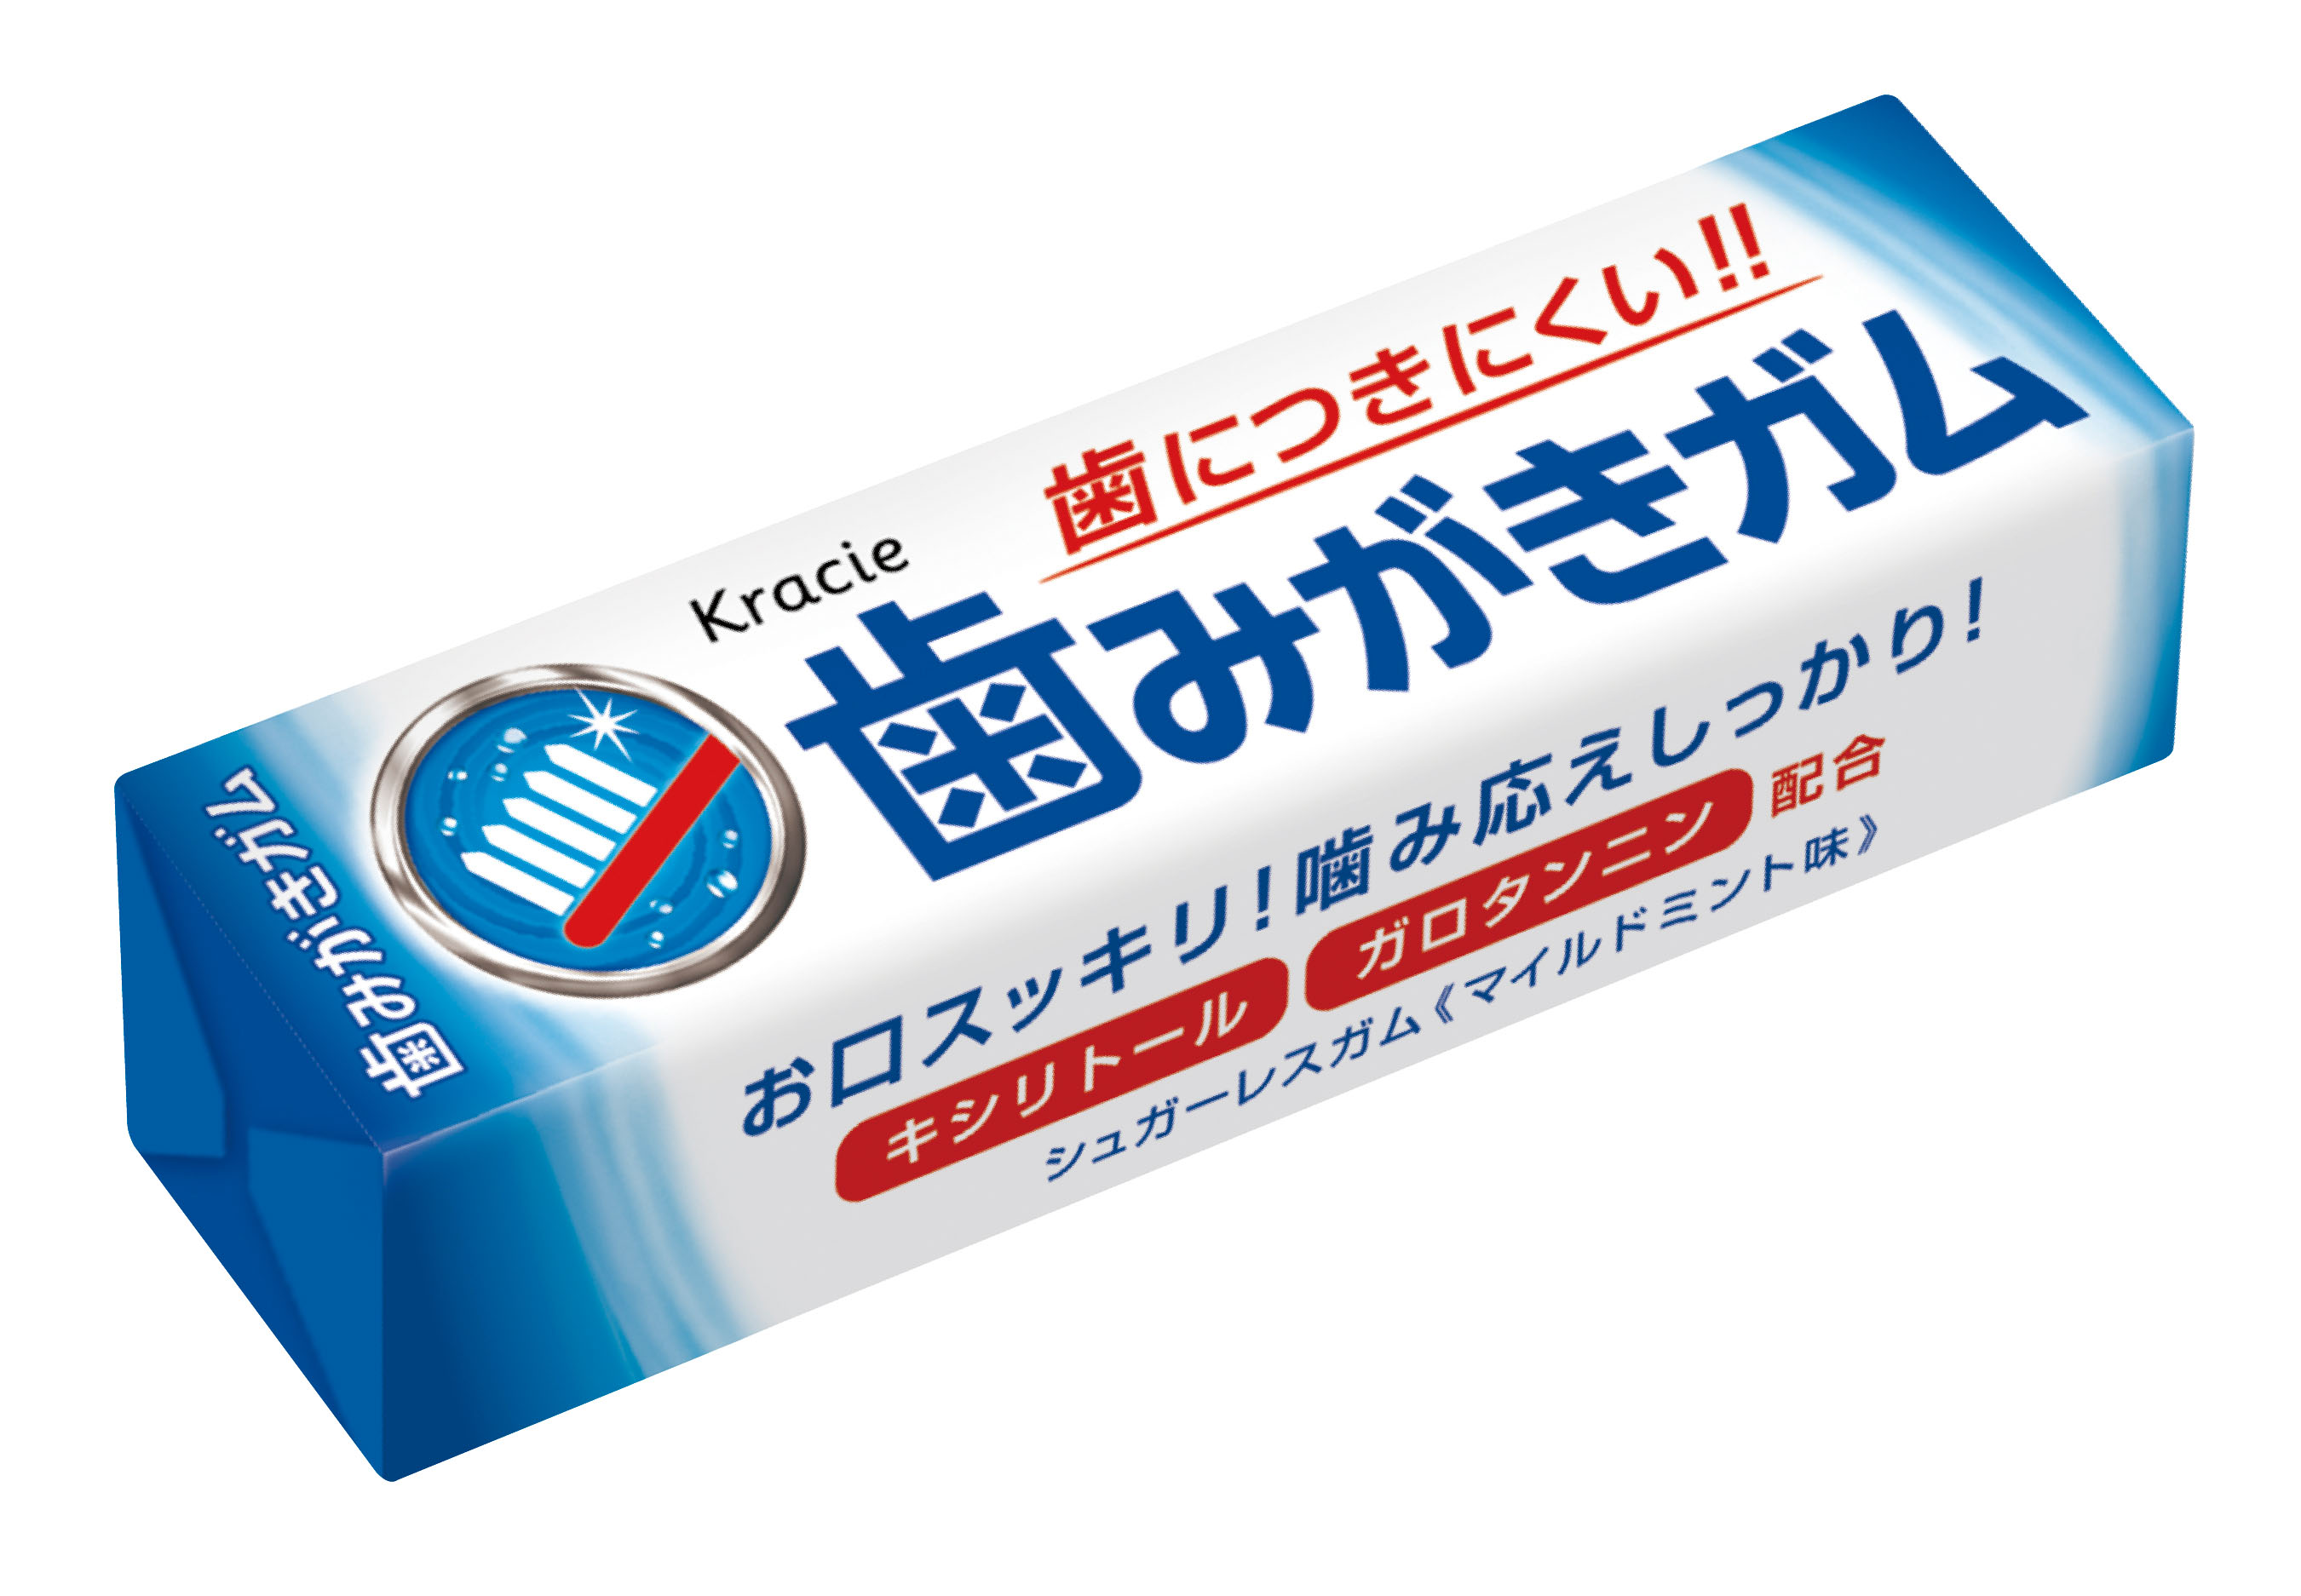 キシリトール ガム 歯磨き 後